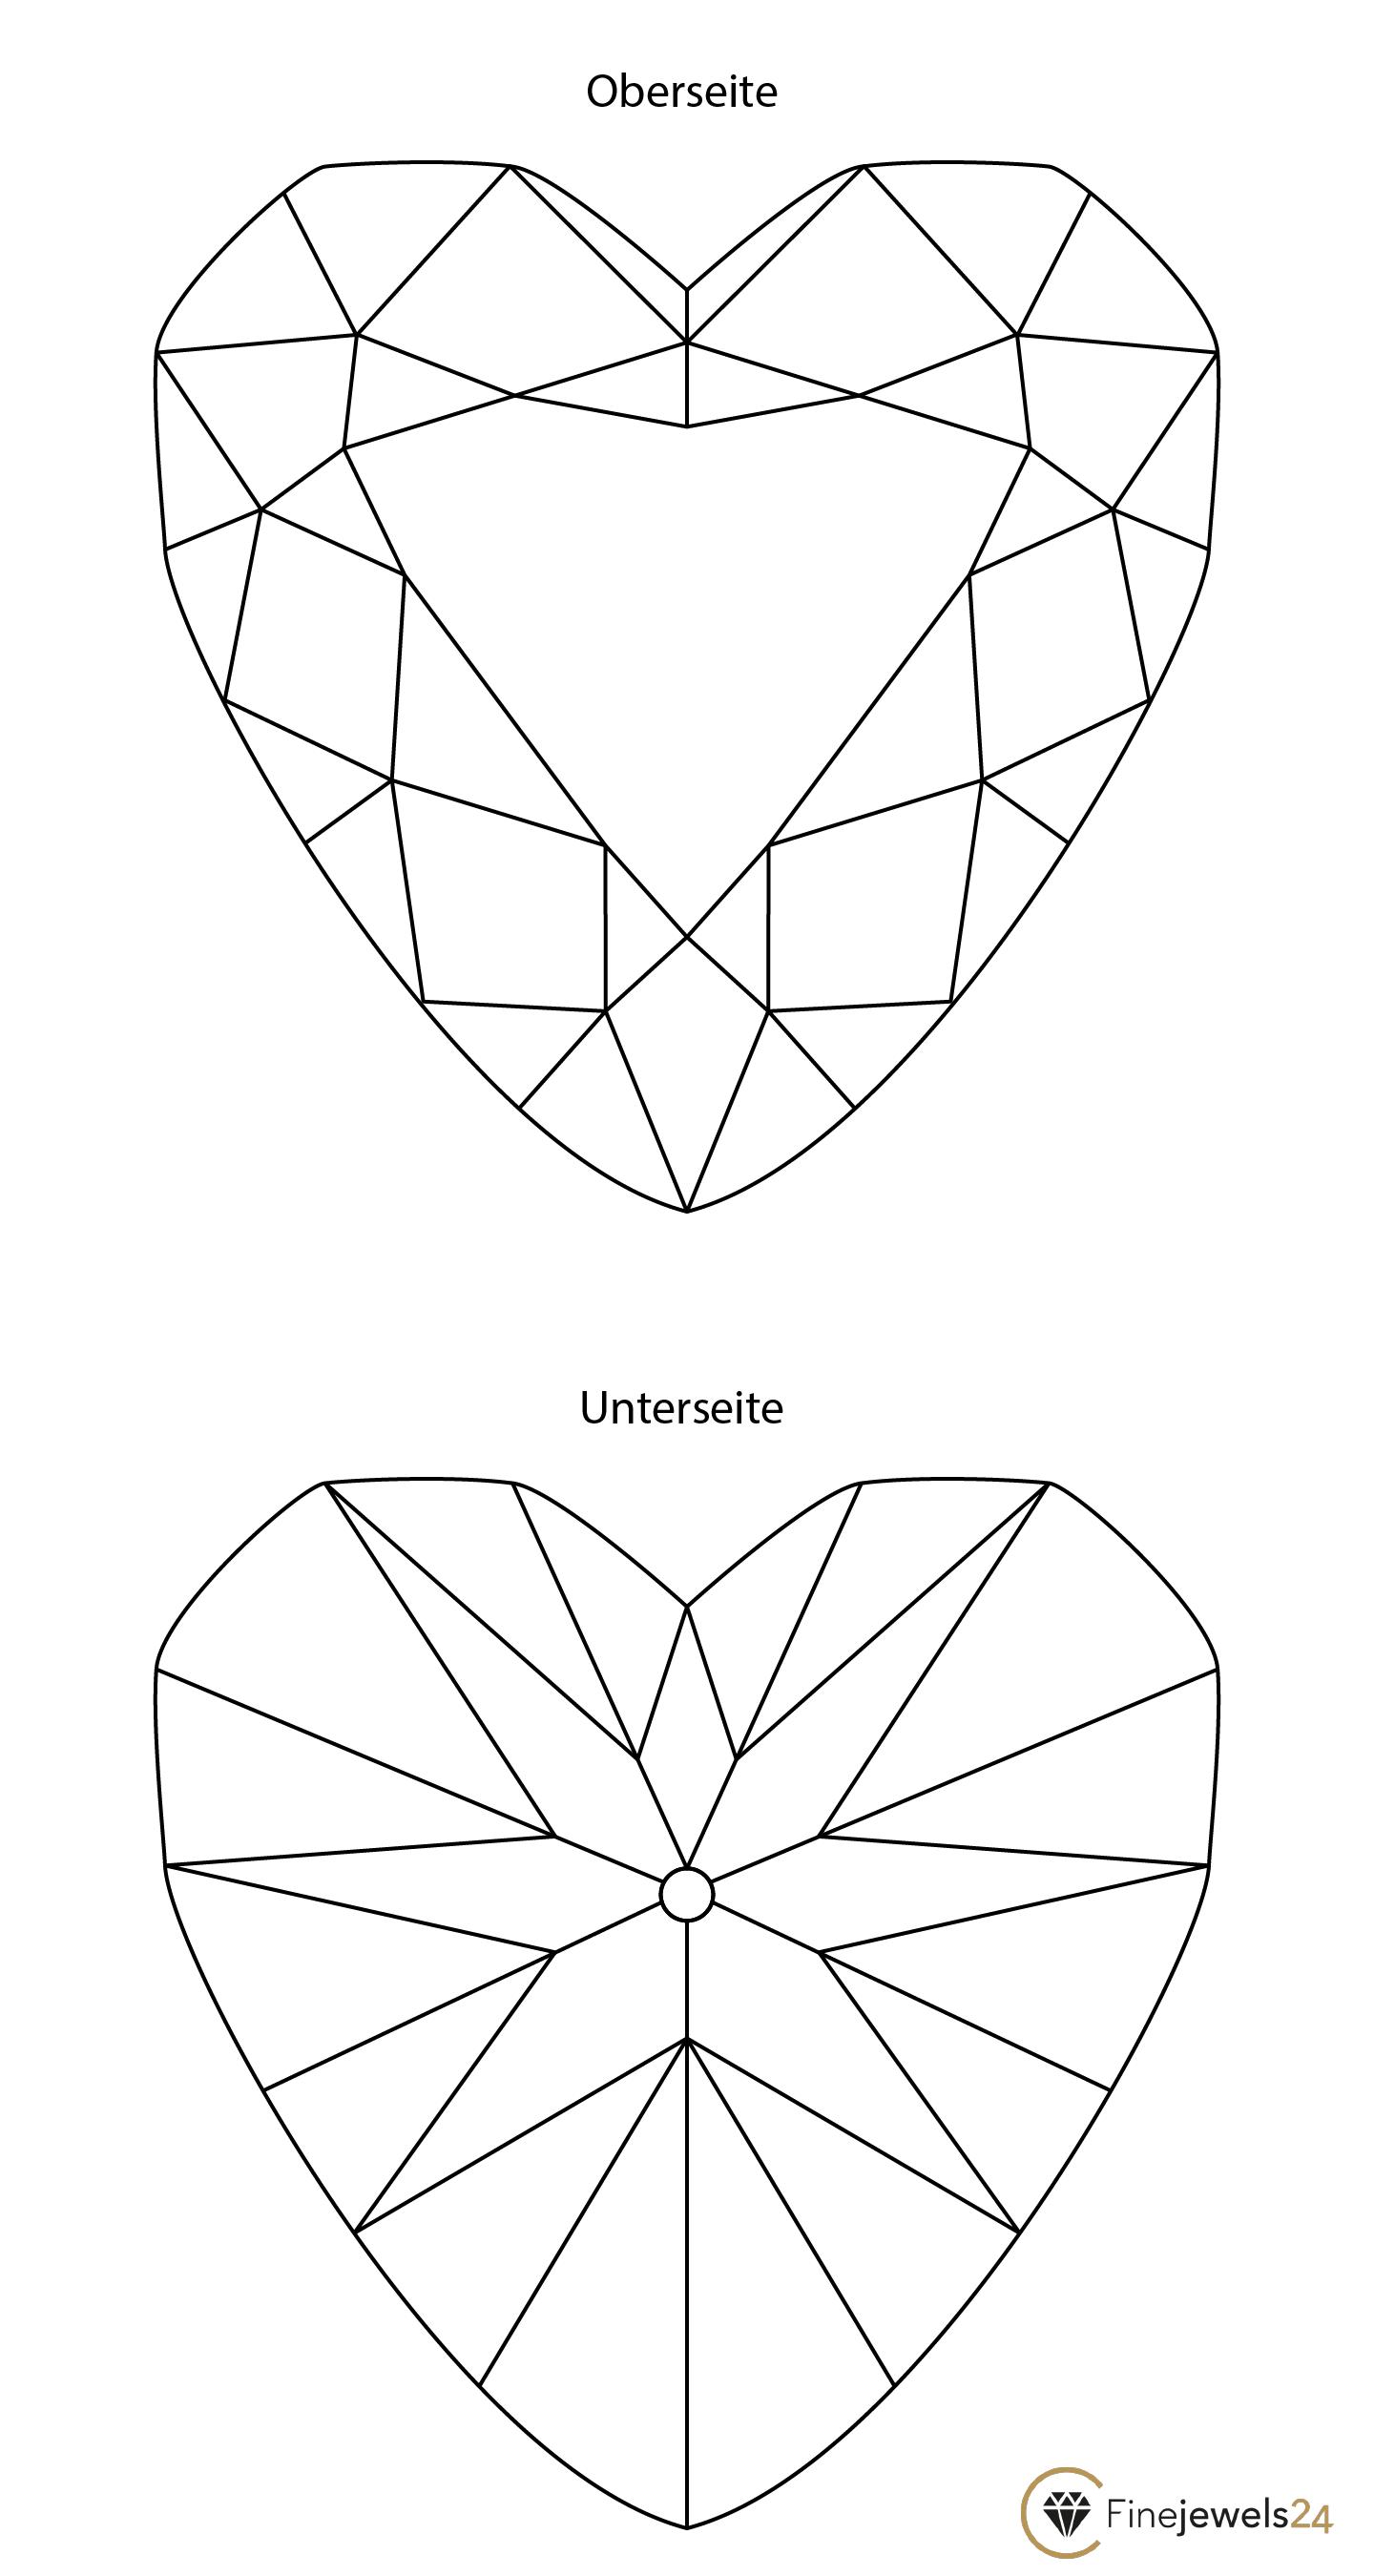 Herzschliff Oberseite und Unterseite